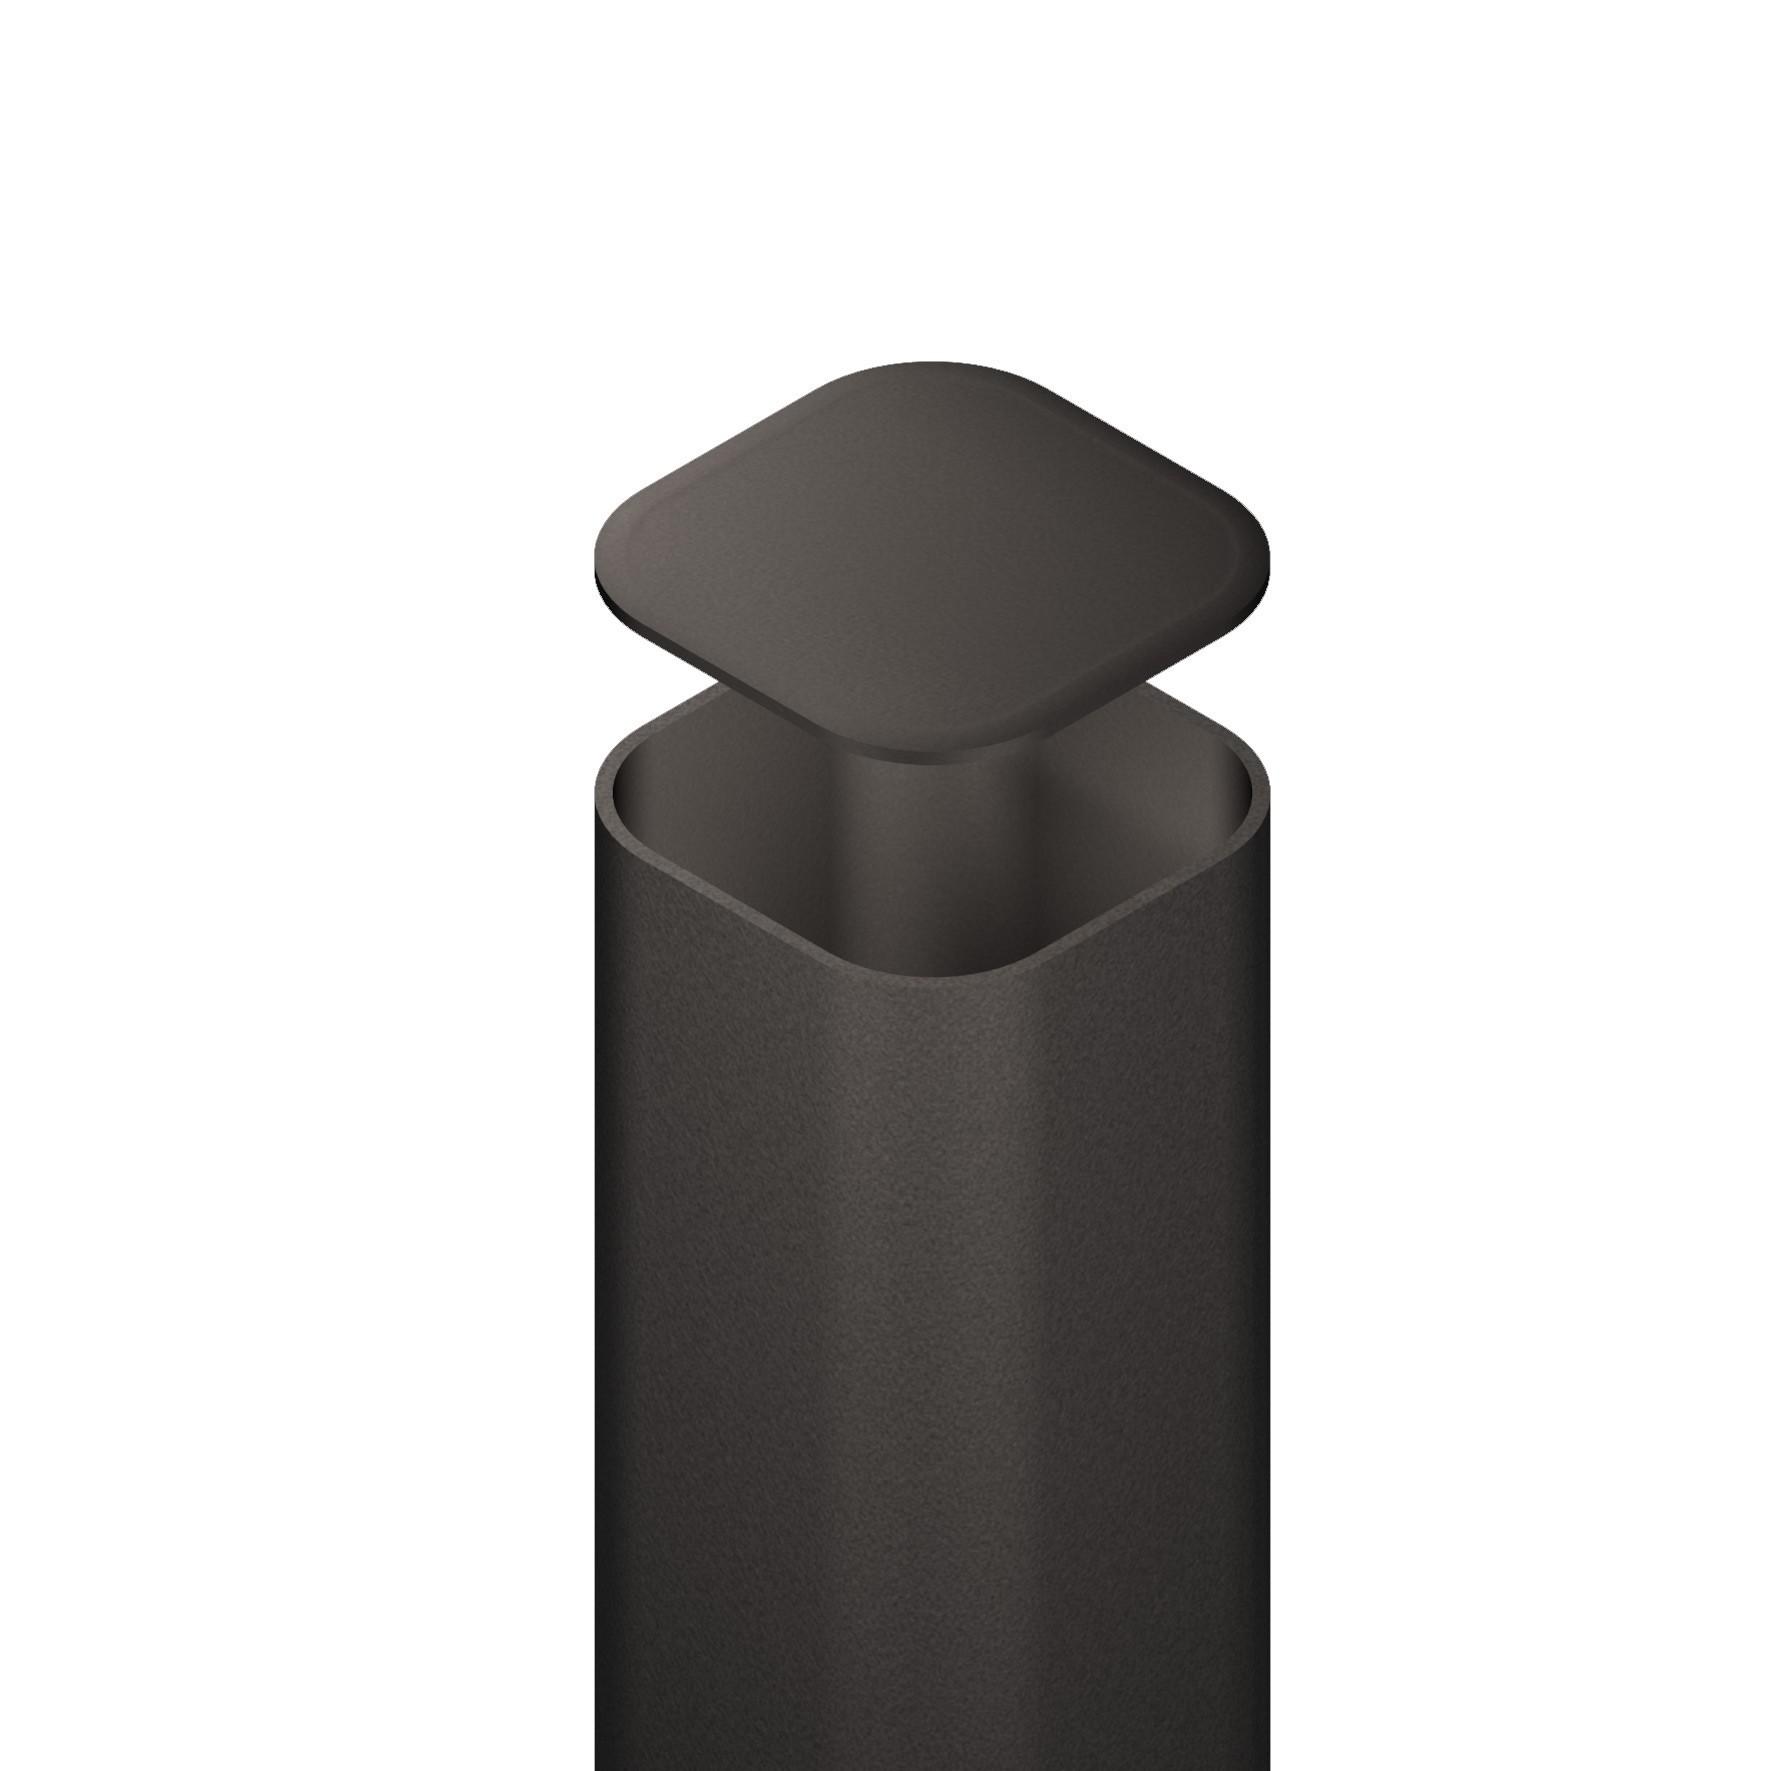 Metallpfosten für Zaun zum Aufschrauben anthrazit 7x7x195cm Bild 1